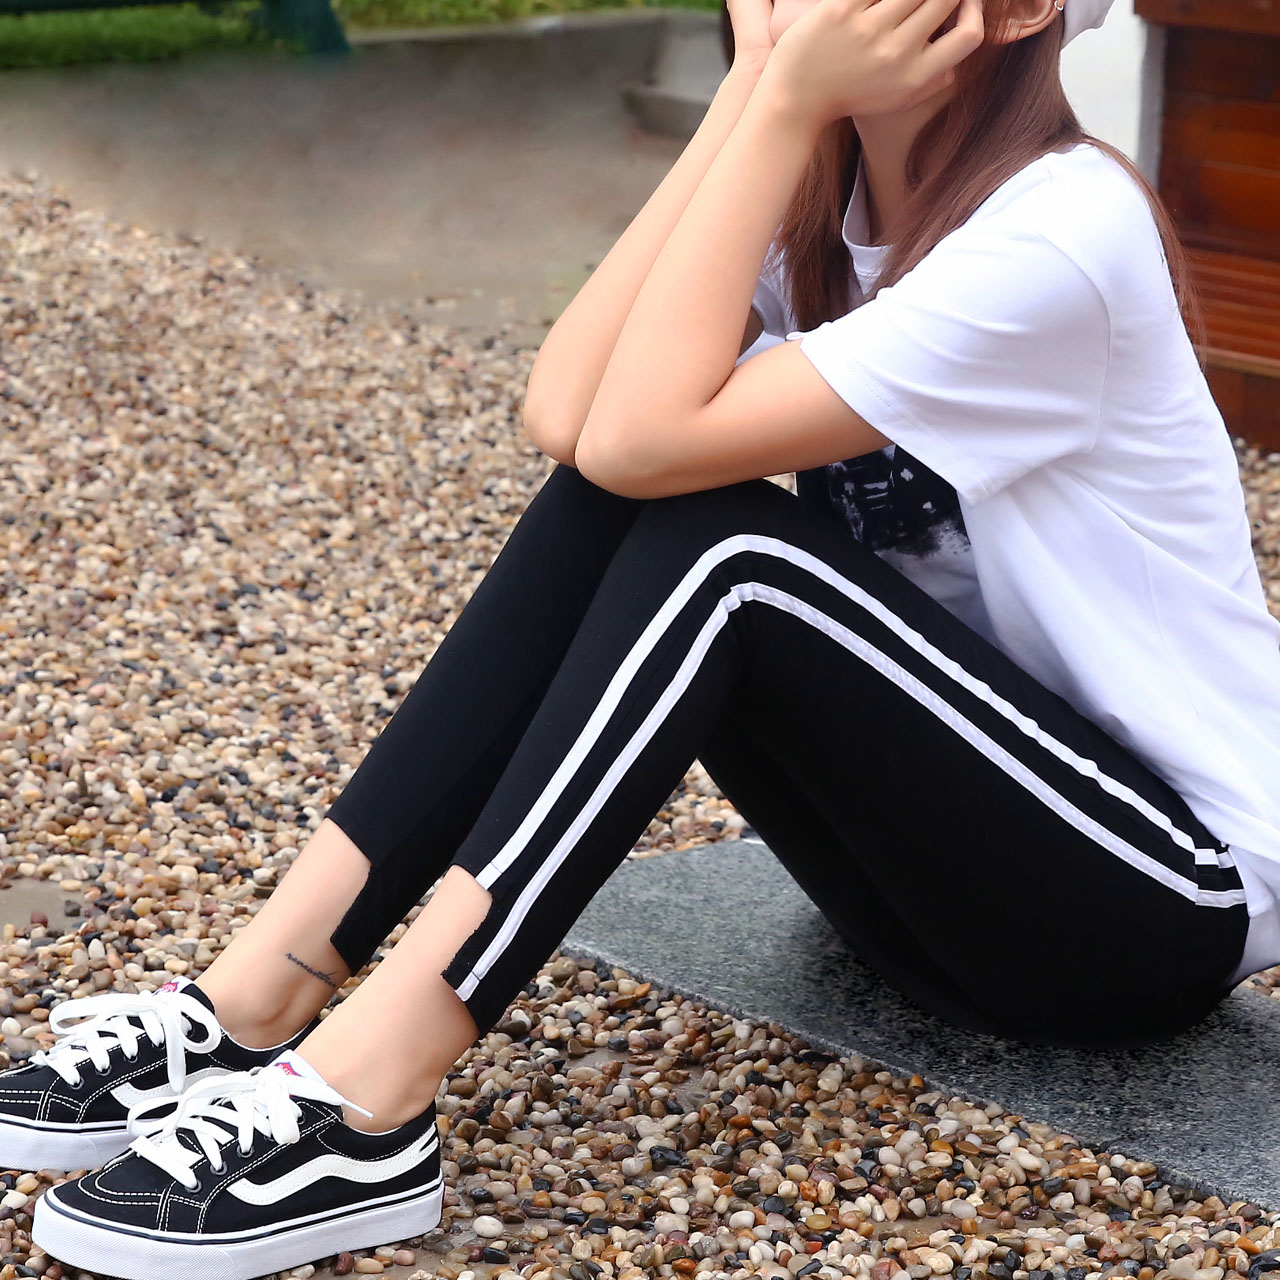 运动裤白条学生女九分休闲春夏打百搭显瘦双杠底裤紧身裤